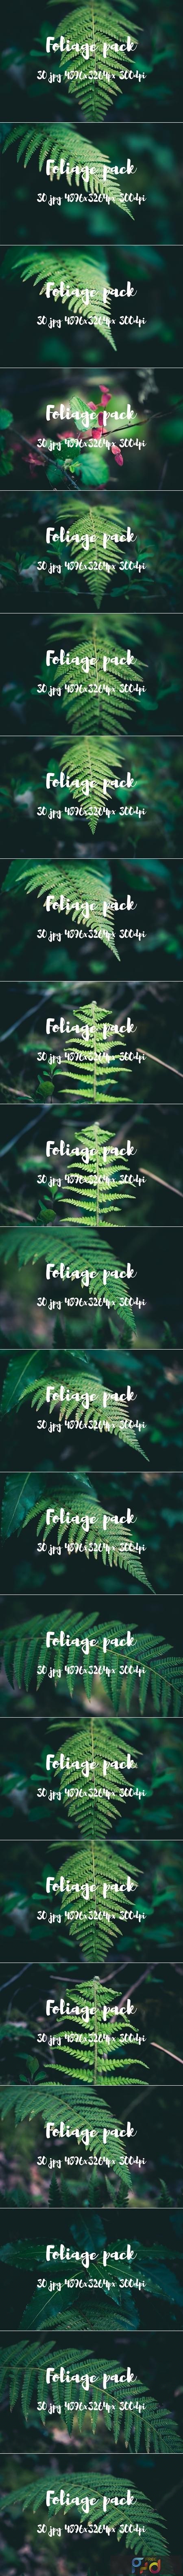 Foliage pack 2477731 1